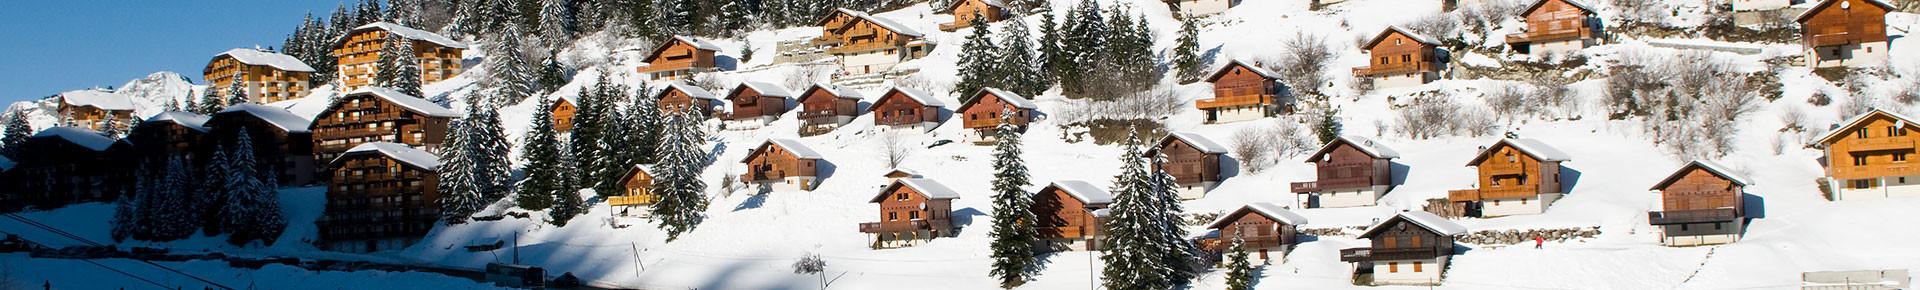 Drouzin le Mont en hiver